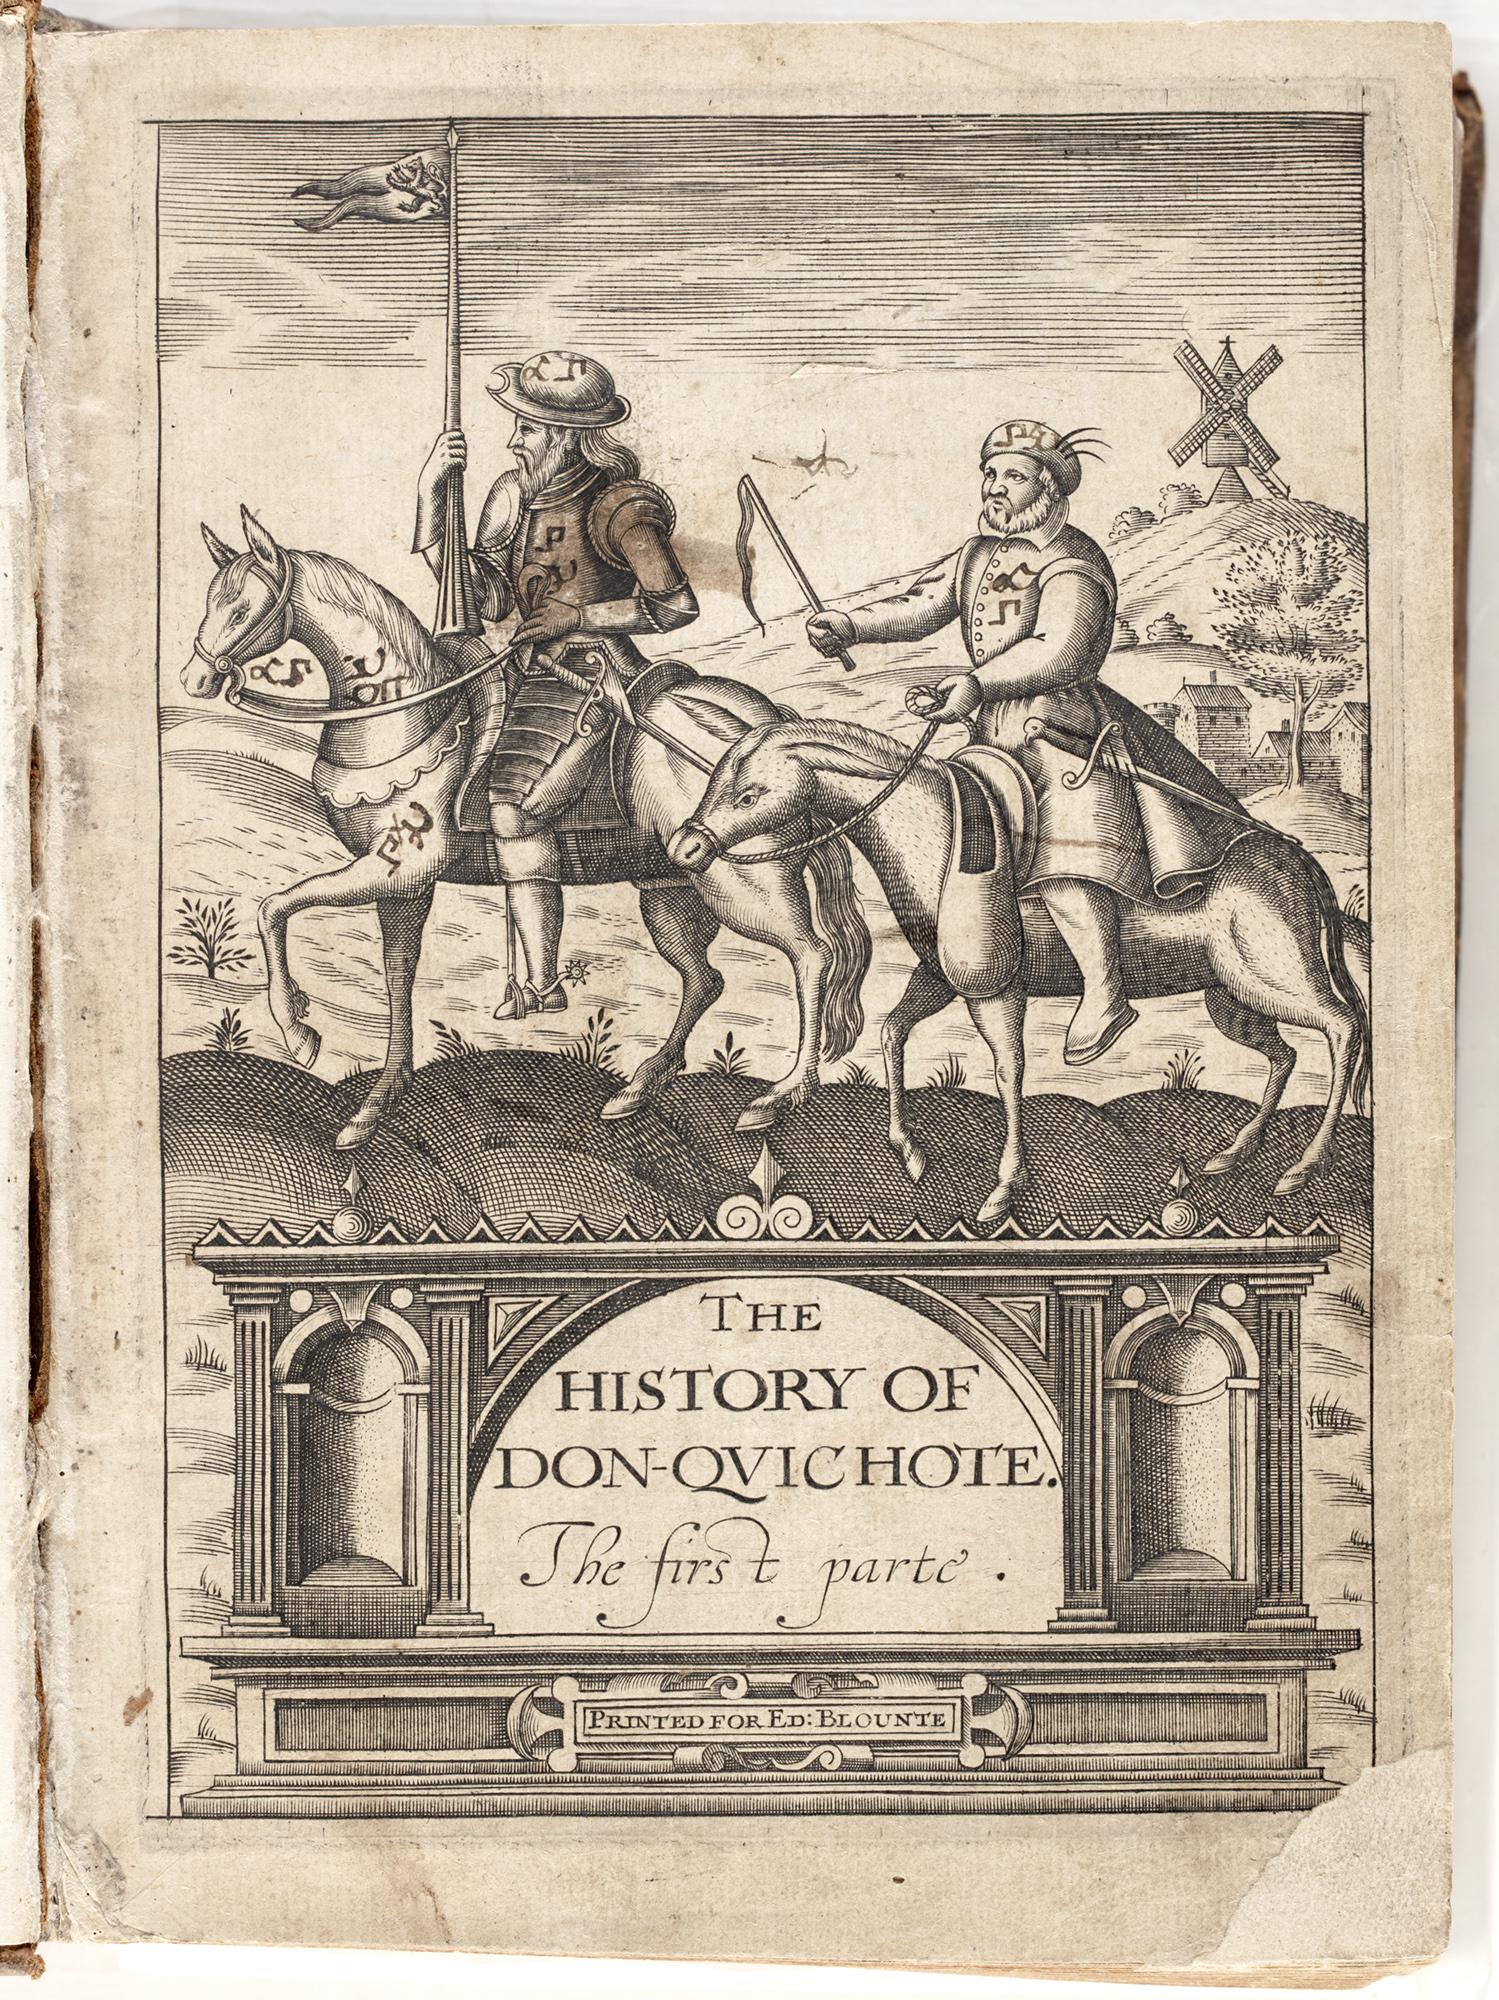 Don Quixote, 1620, by Miguel de Cervantes